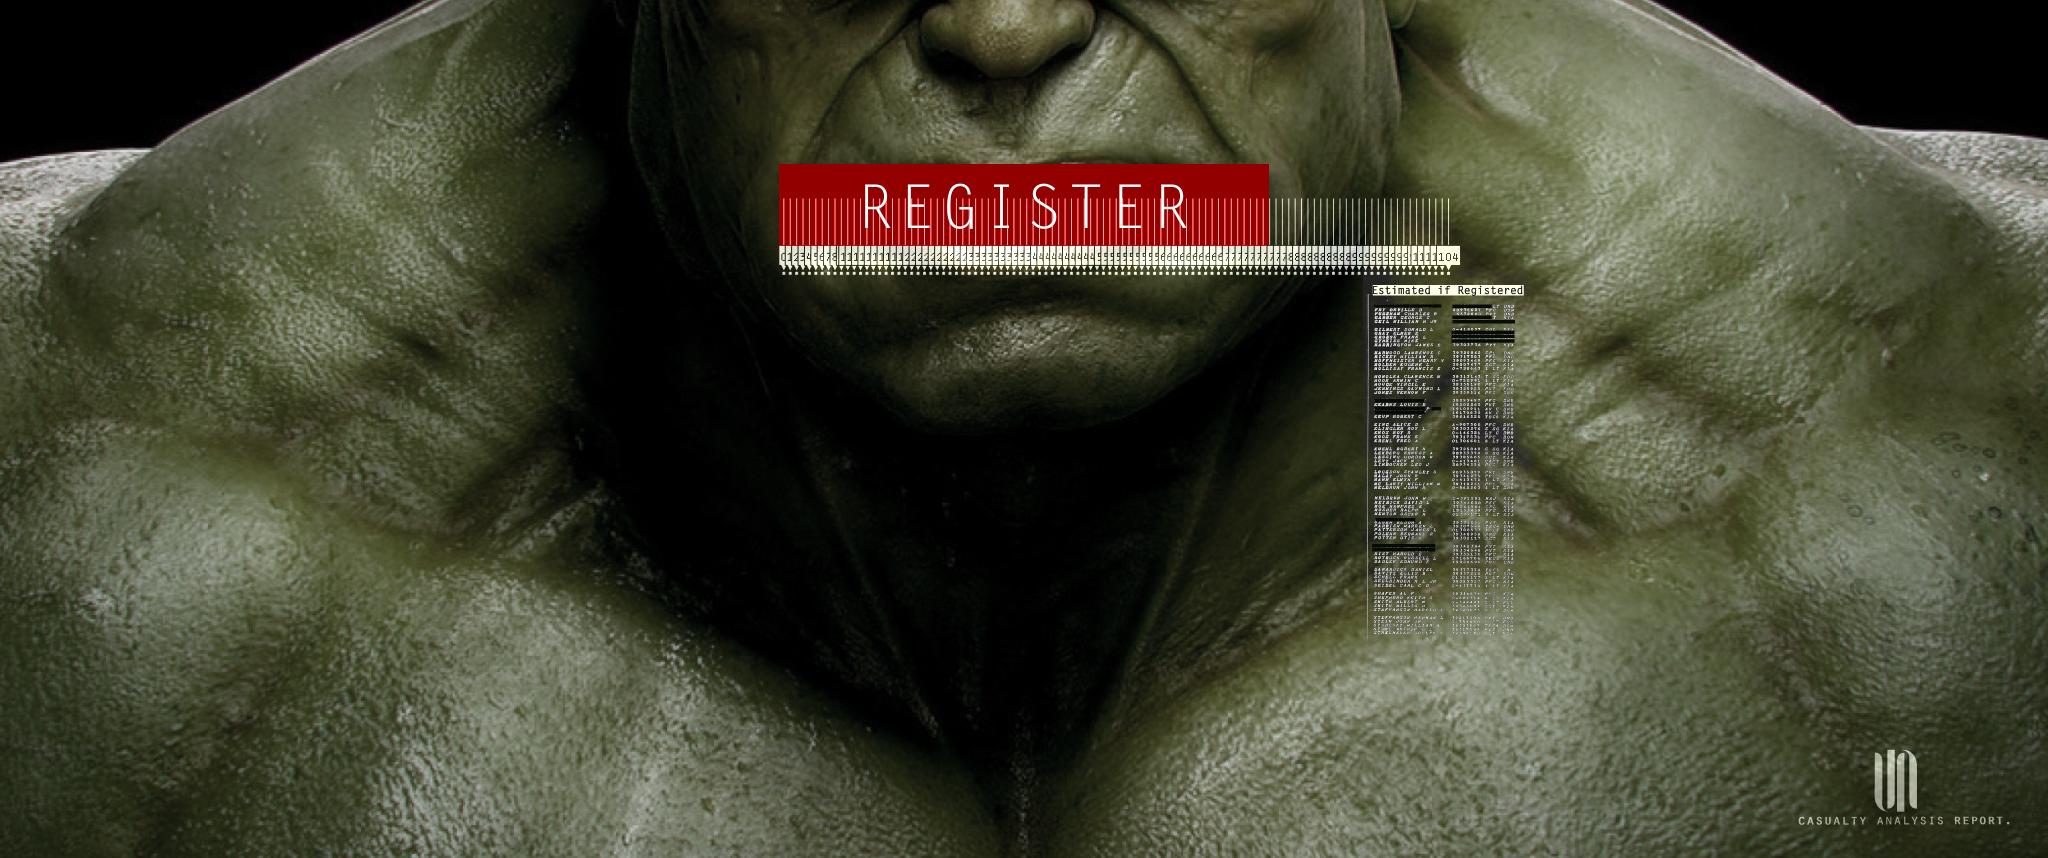 Hulk_Register_v05.jpg